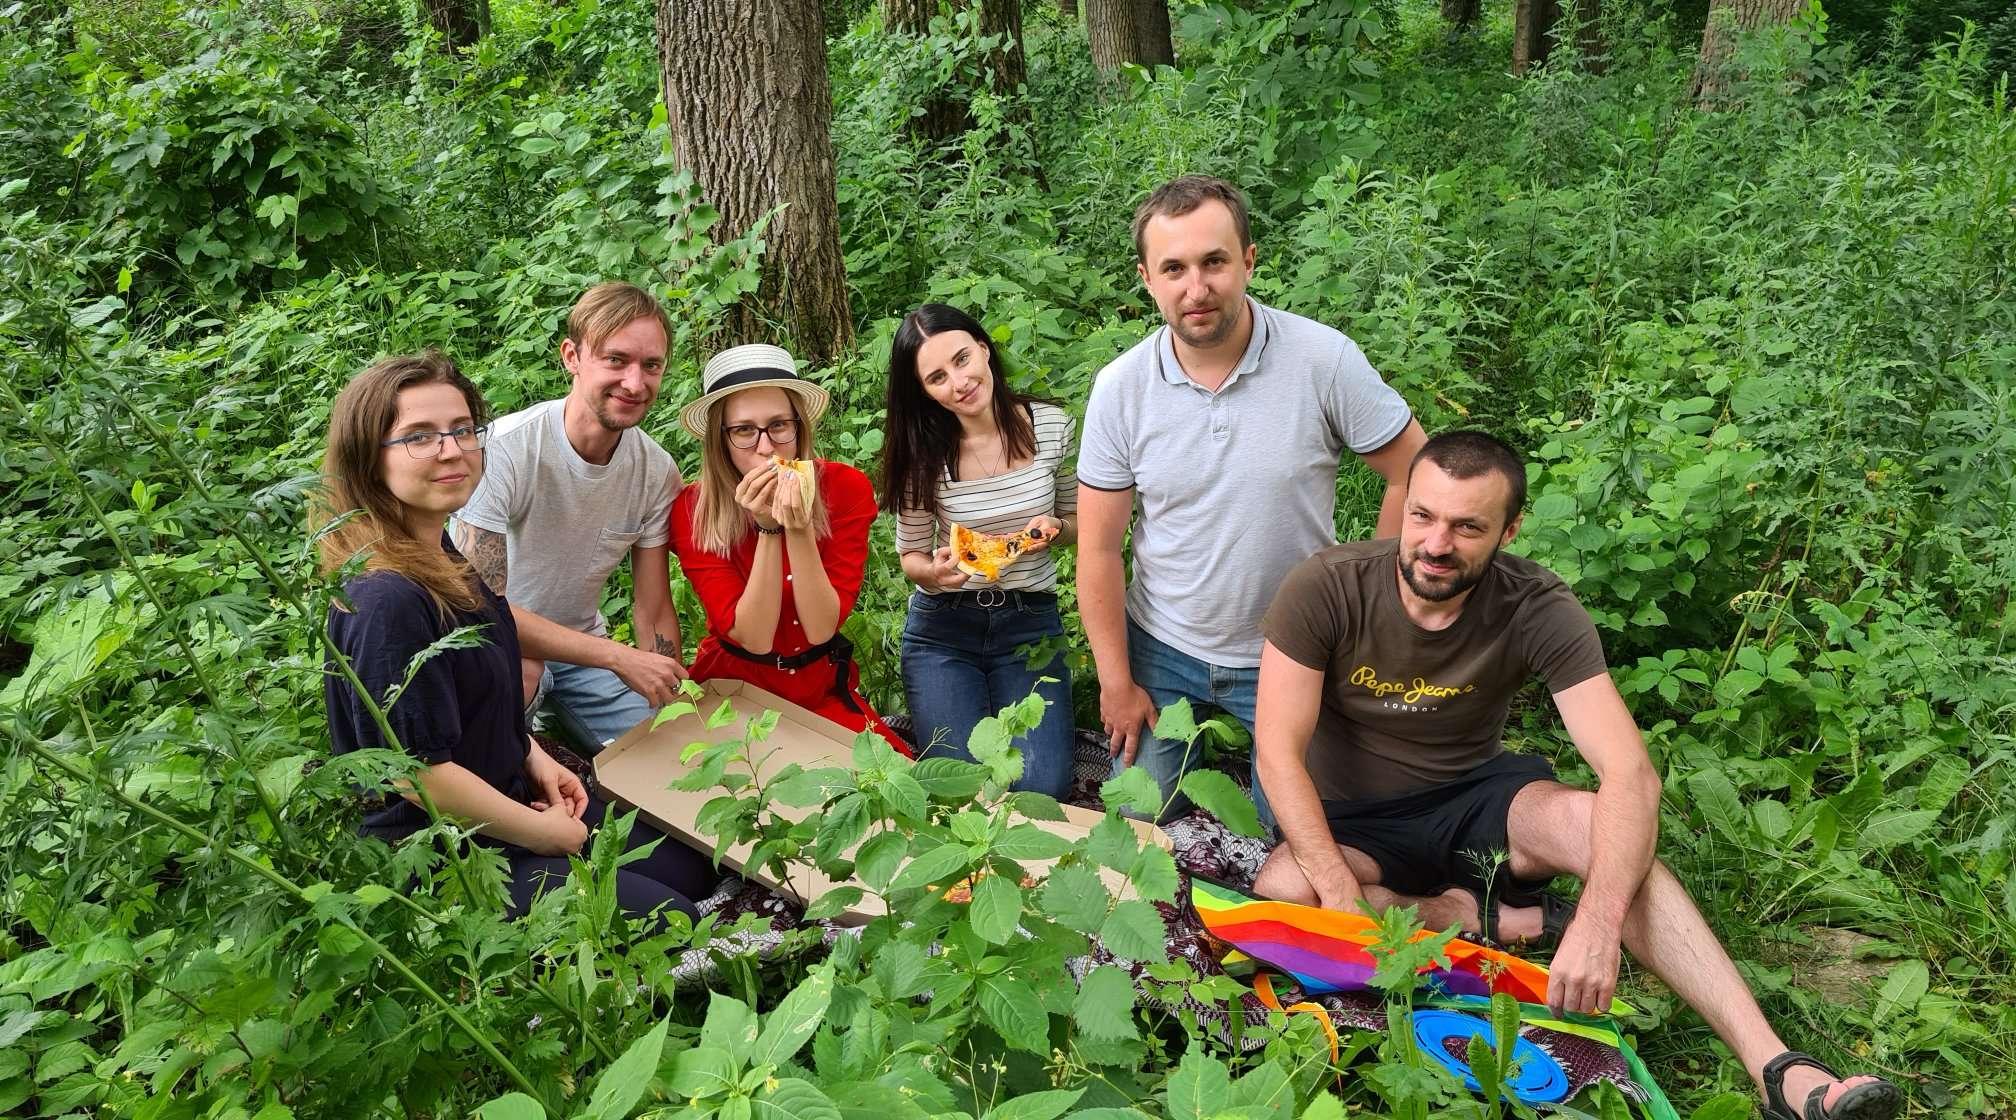 Picnic in Khmelnytskyi